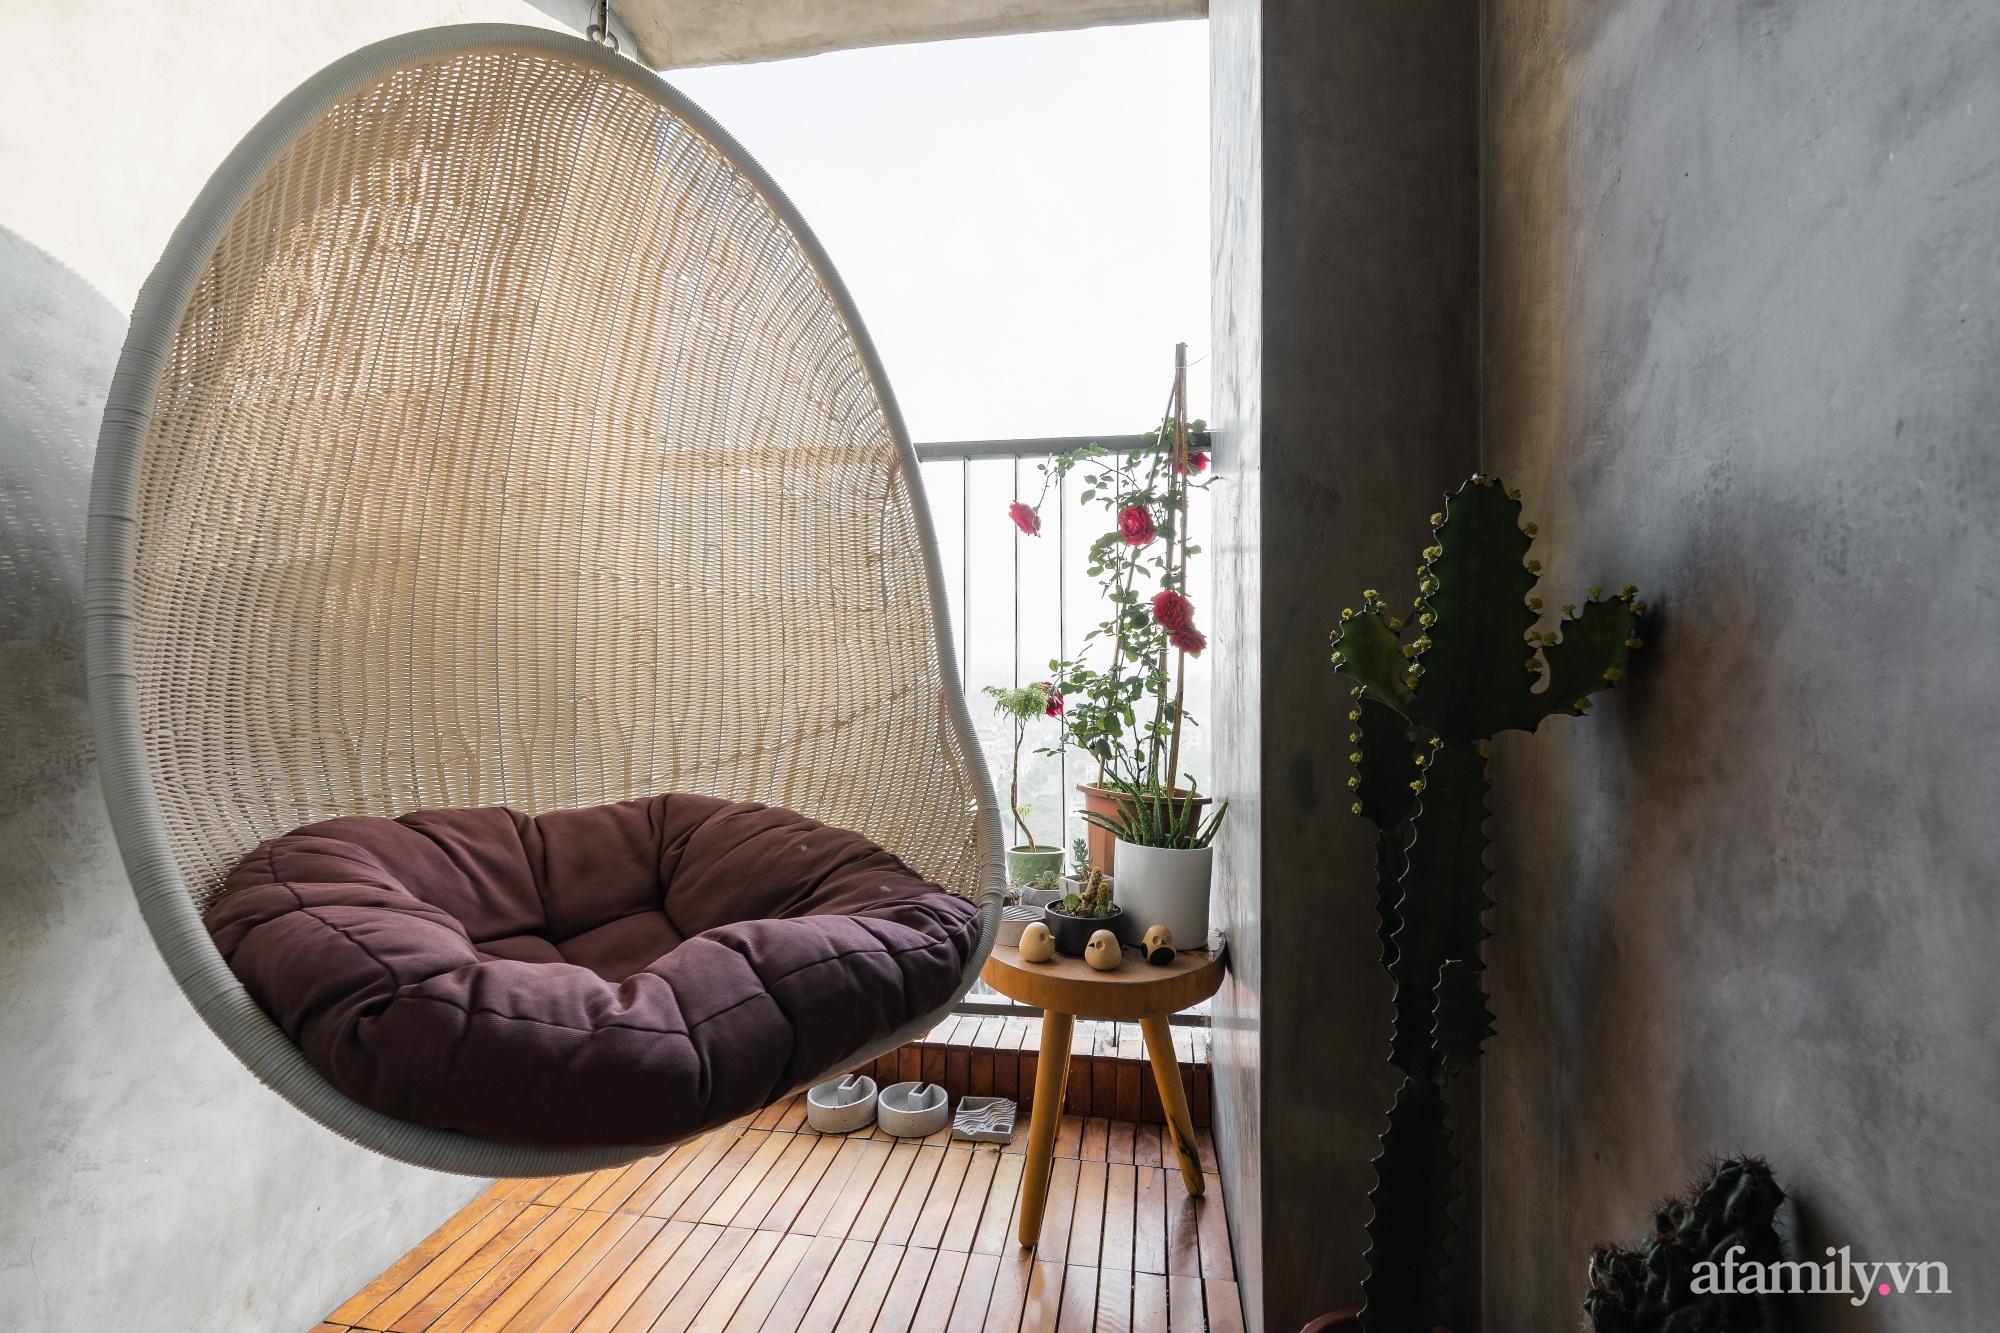 Căn hộ 60m² hoàn thiện nội thất tinh tế dành cho vợ chồng trẻ có chi phí 250 triệu đồng ở Hà Nội - Ảnh 15.